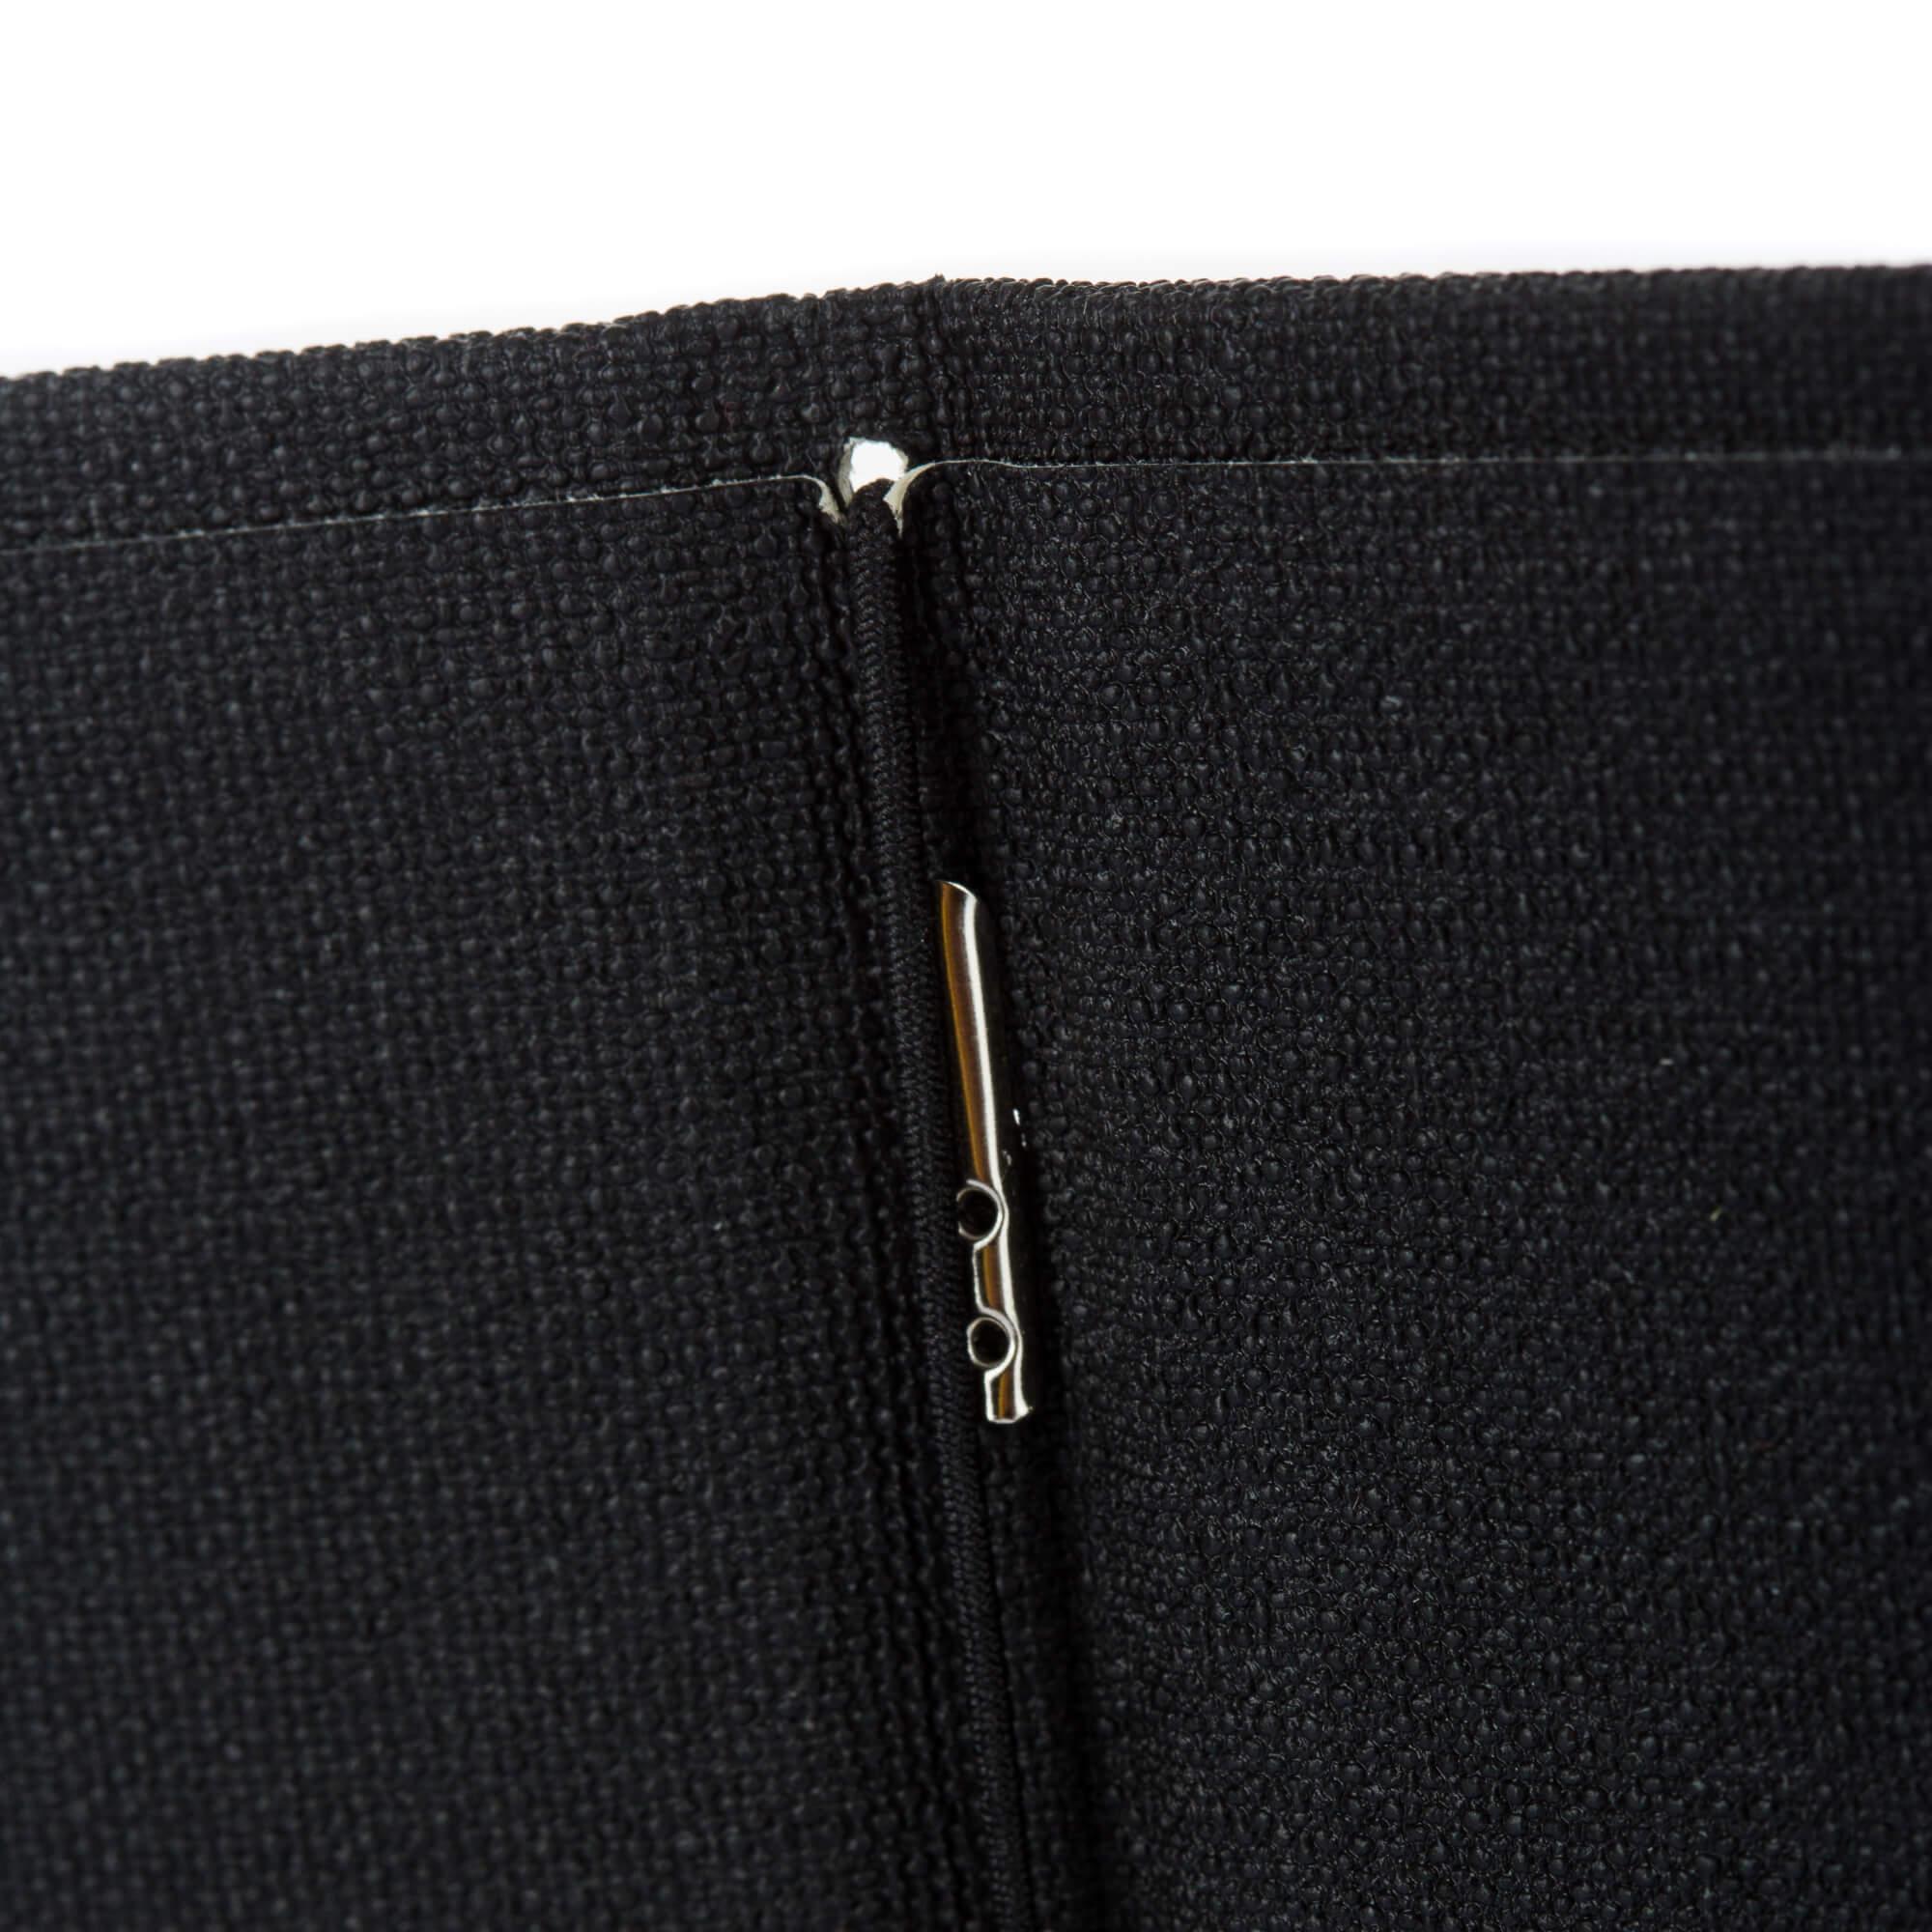 Fekete textilbőr gumis étlaptartó belül gumi A5